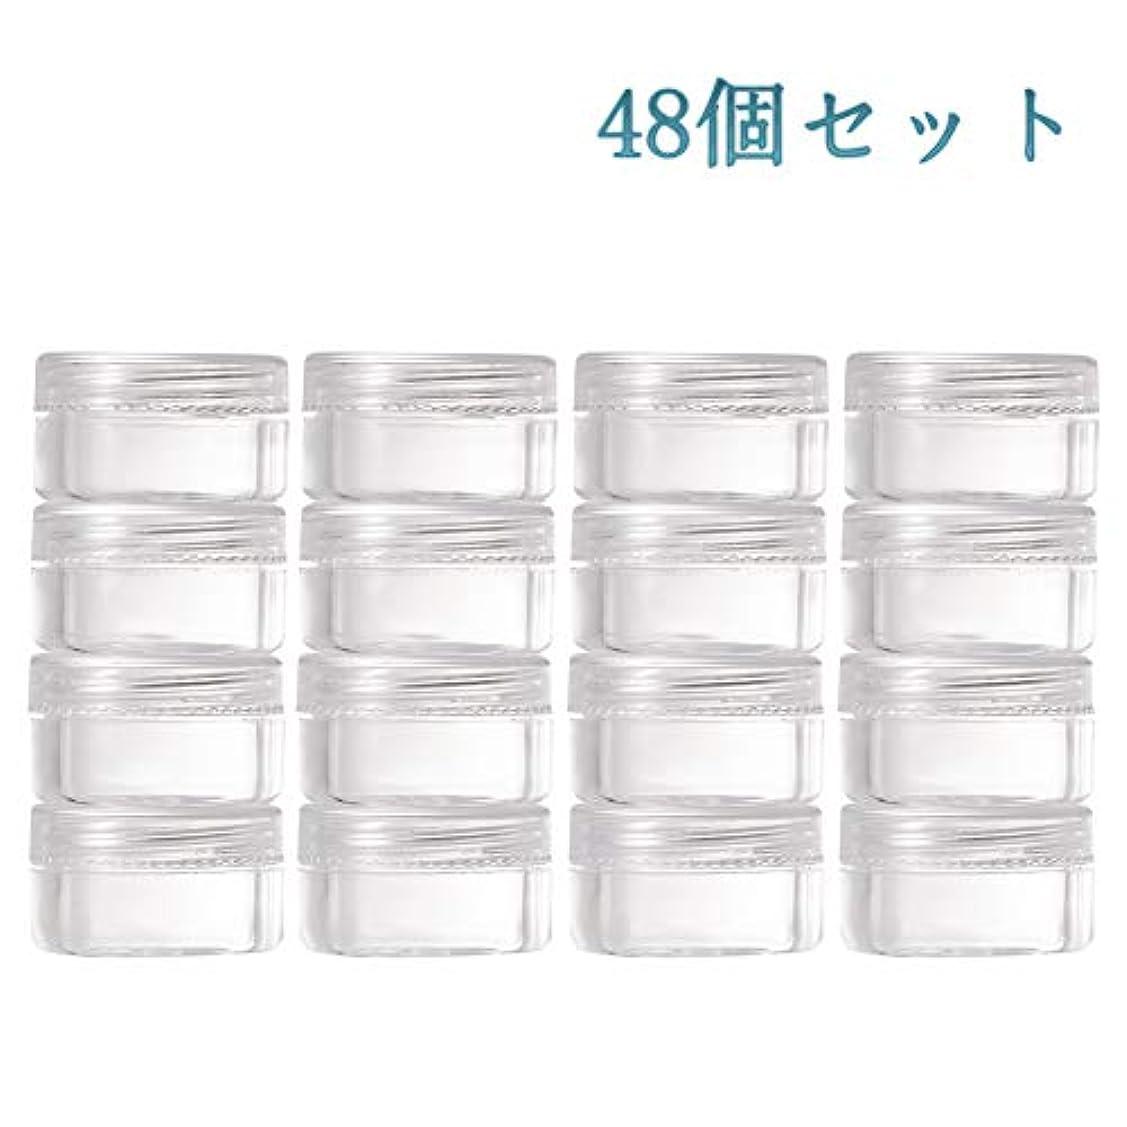 すべき乳戸棚ビーズ 収納ボックス 48個入 小分け 丸ケース アクセサリーケース プラスチック 小物入れ 化粧品小分け用 詰め替え容器 クリアケース ネイルパーツ?クリーム?アクセサリー?DIY工芸品